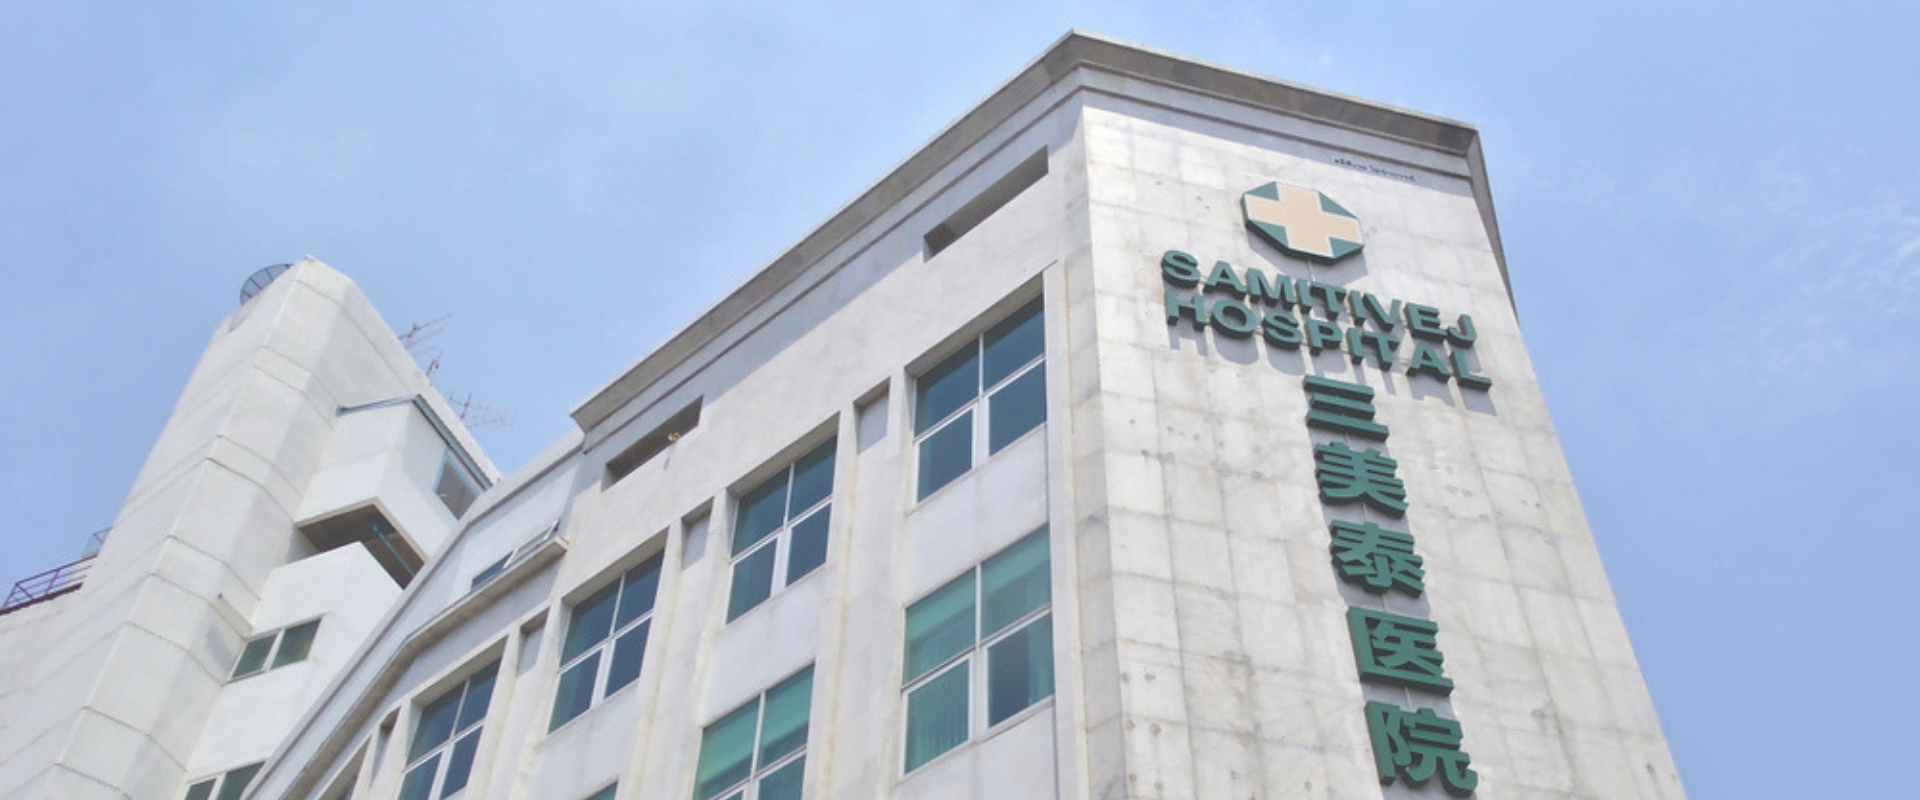 Samitivej Hospital -Thailand's Leading Hospitals